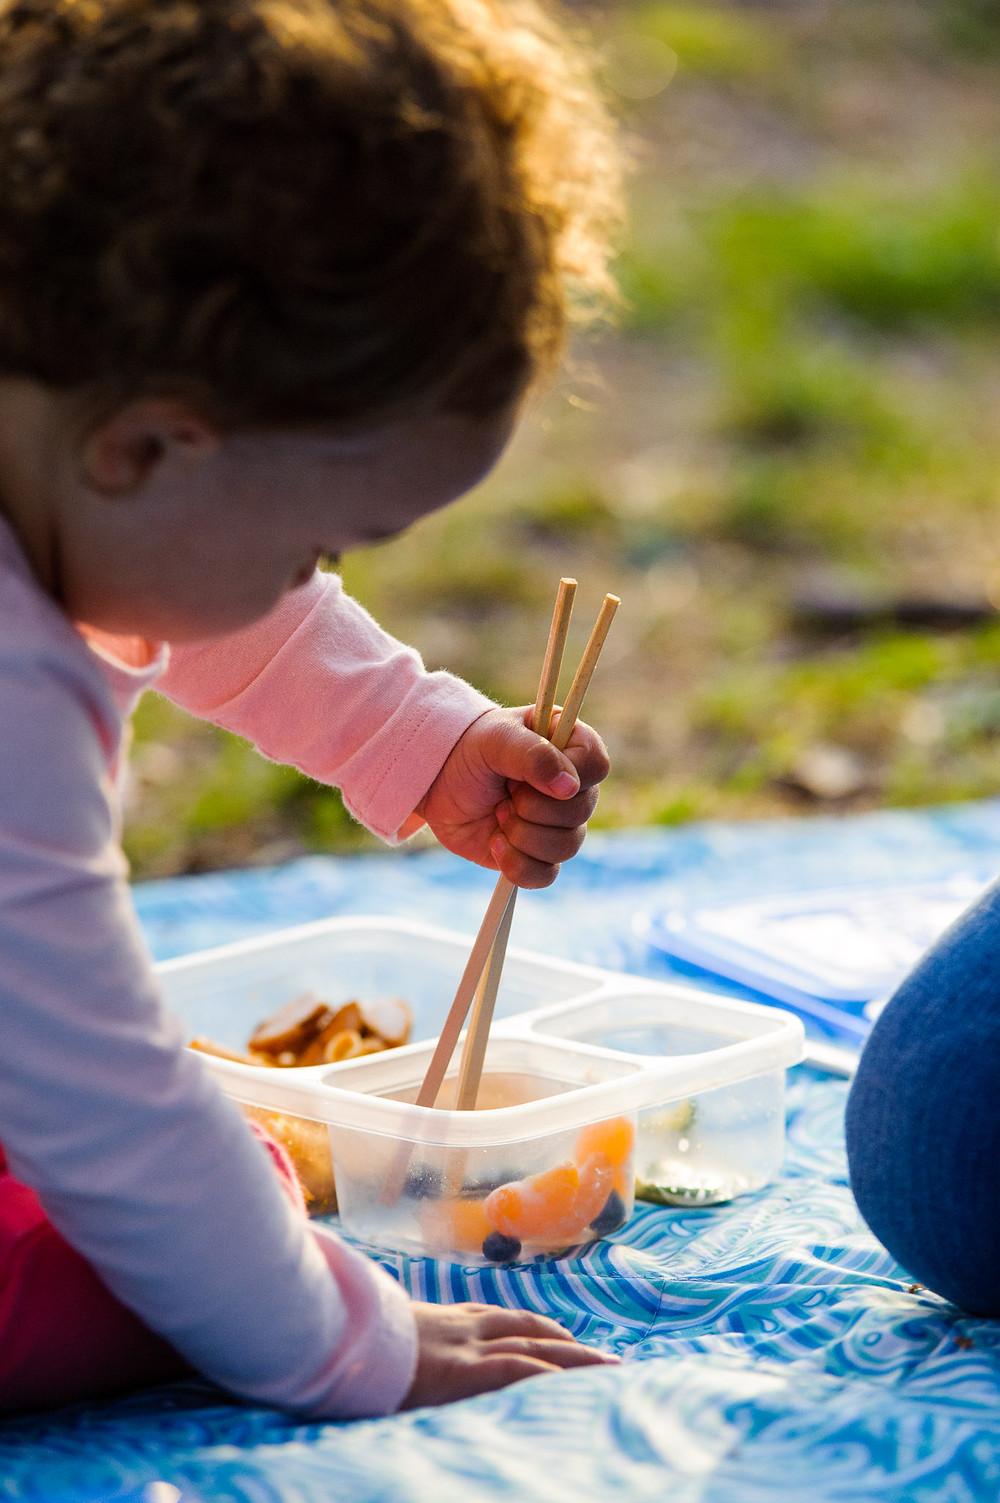 Gia eats with chopsticks